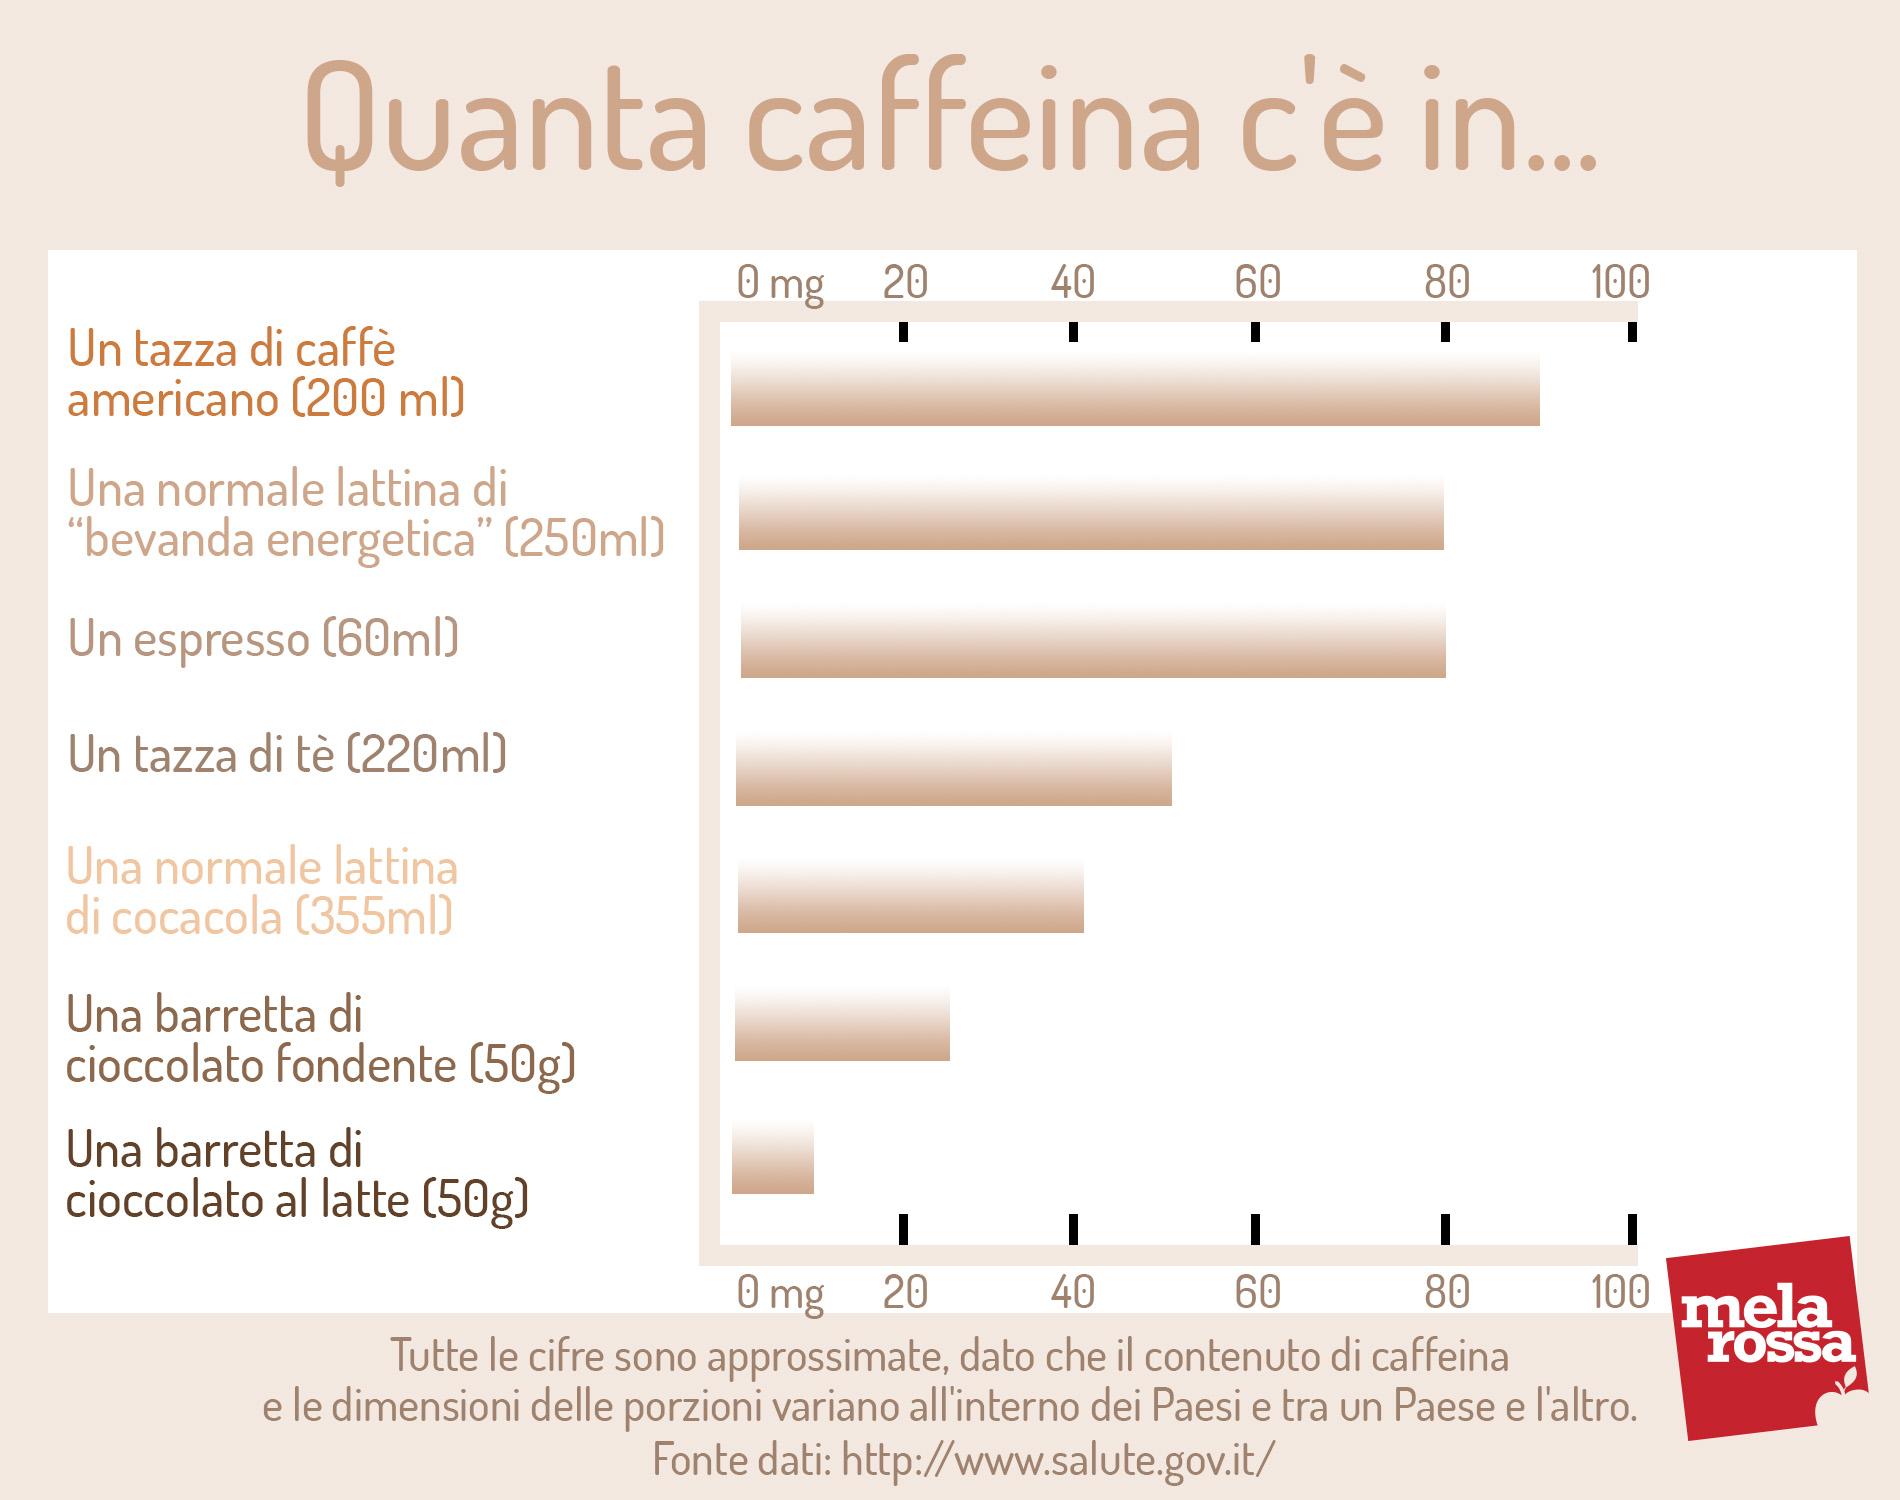 caffeina: contenuto di caffeina in prodotti